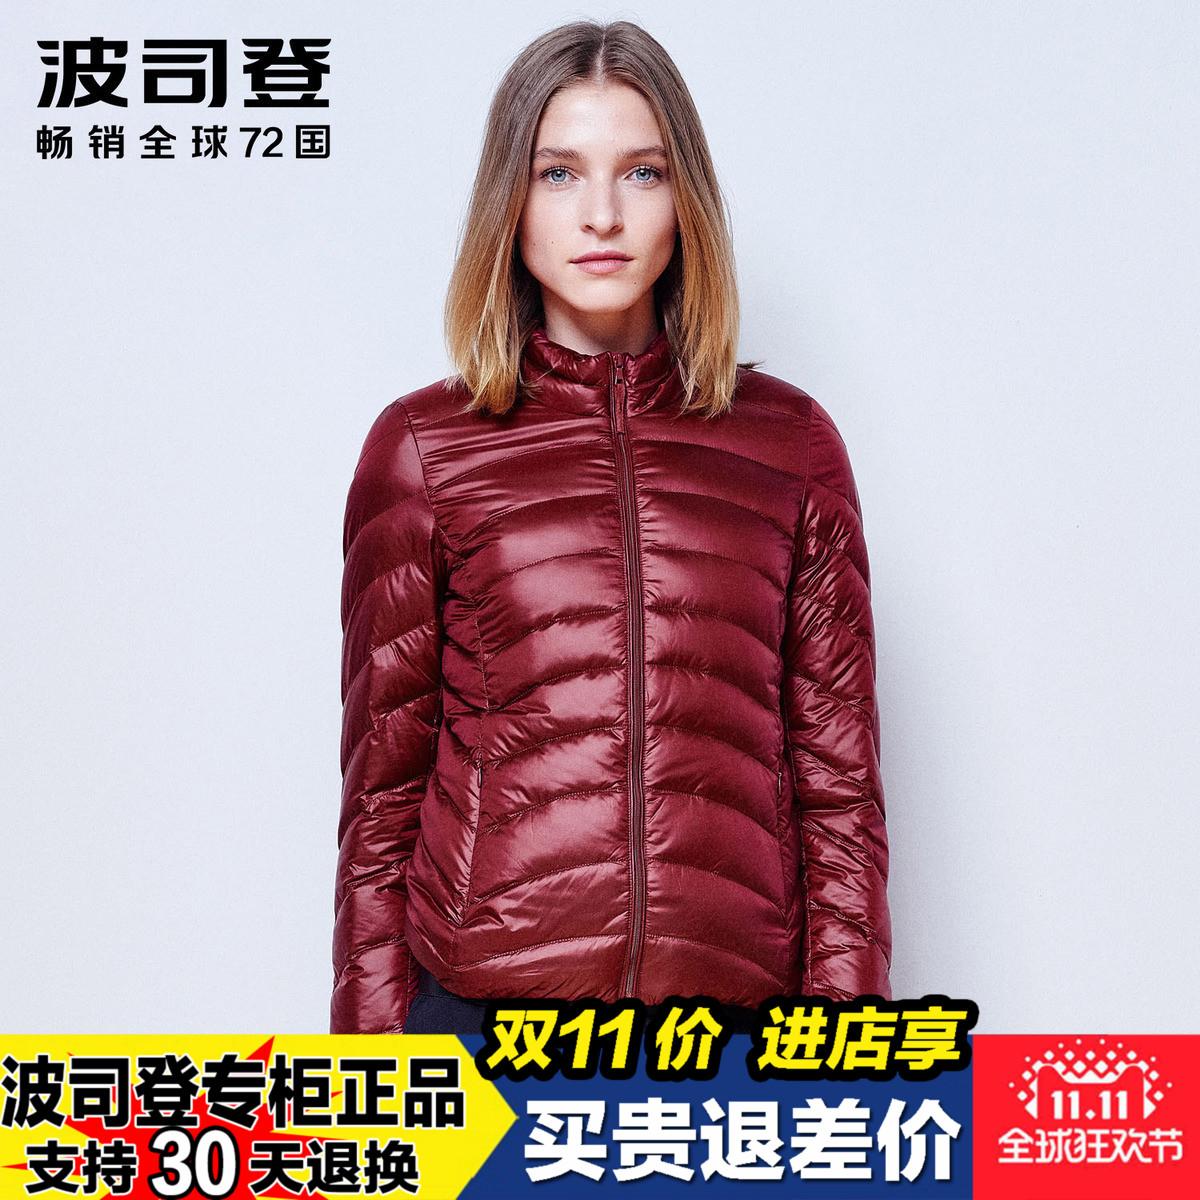 BSD专柜同款波司登秋羽绒服正品轻薄立领加肥加大女短款B1501022B